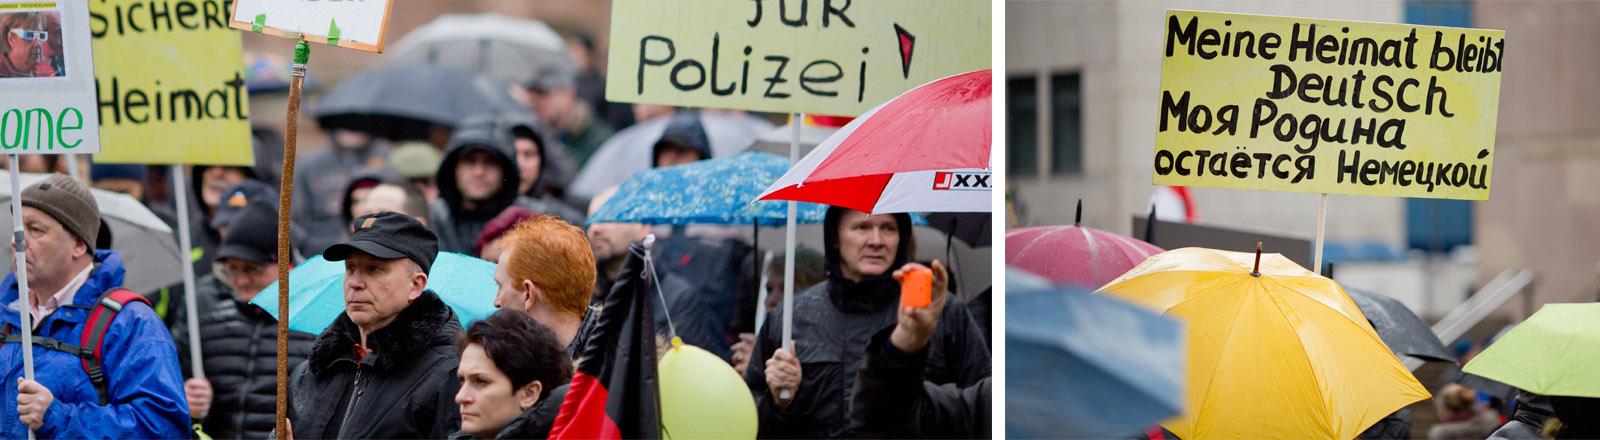 Russlanddeutsche auf einer Demo in Nürnberg.